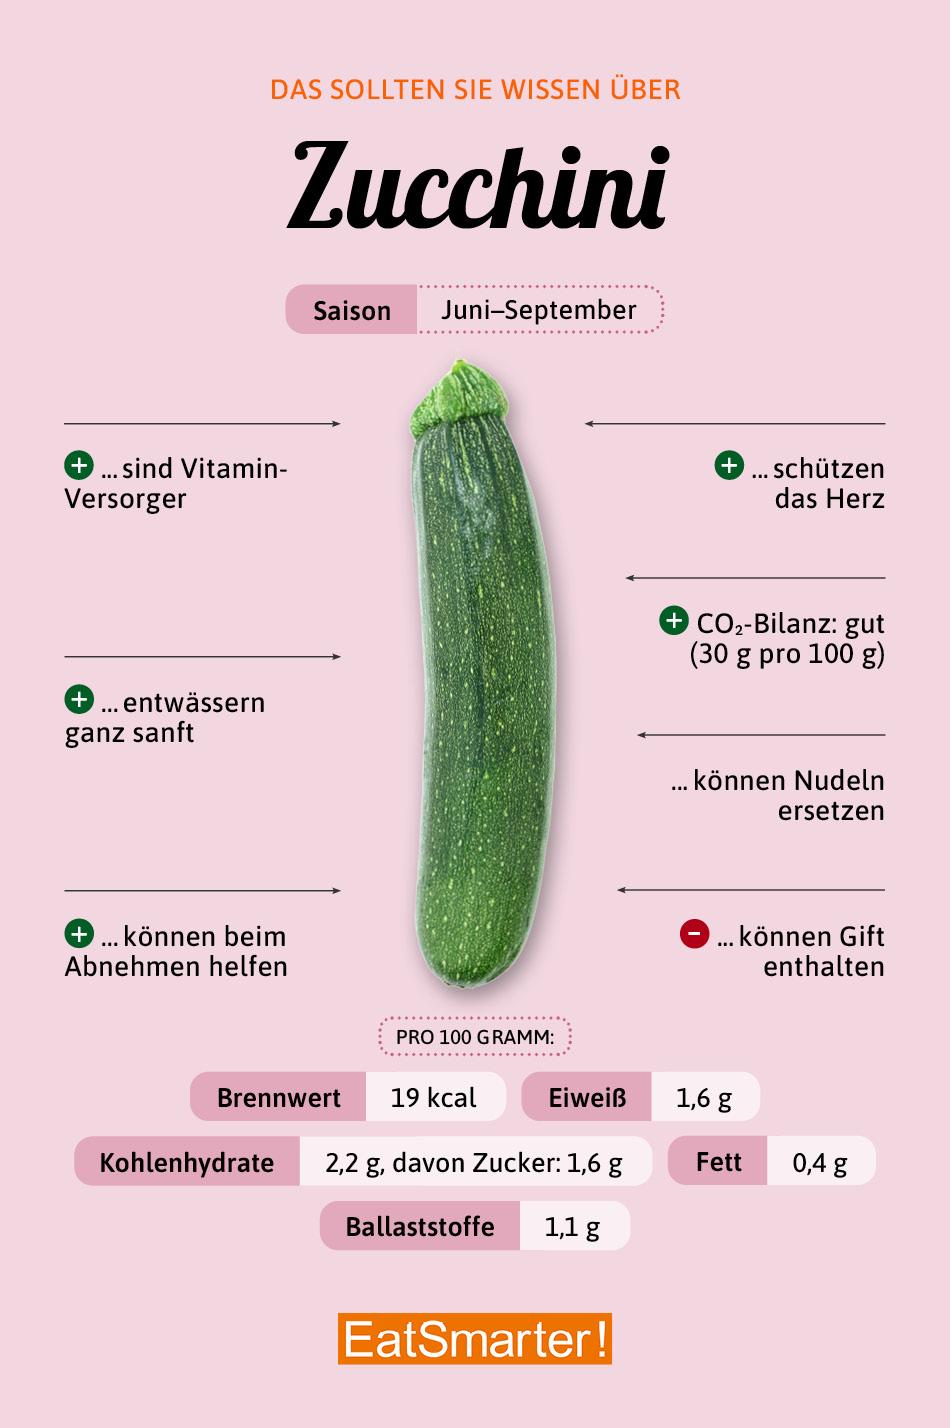 Zucchini Warenkunde